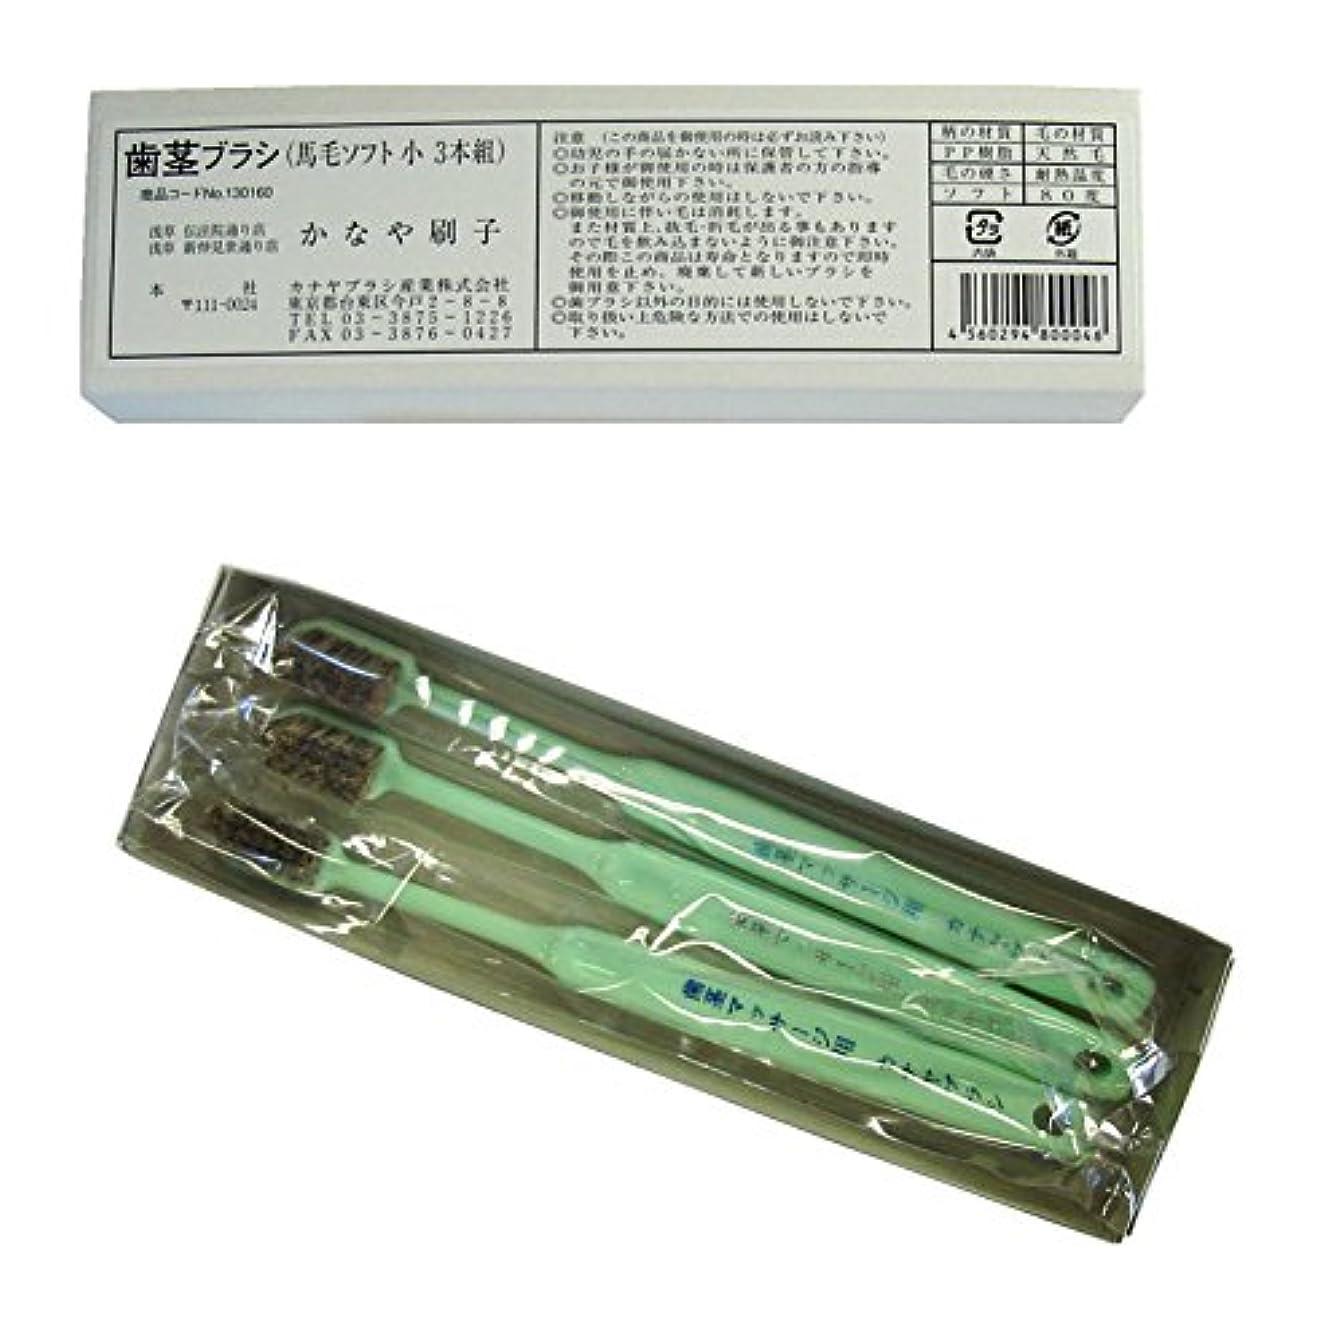 新年ゴミ箱を空にするアプト馬毛歯茎ブラシ(3本入り) 絶品! カナヤブラシ製品 毛質:超ソフト